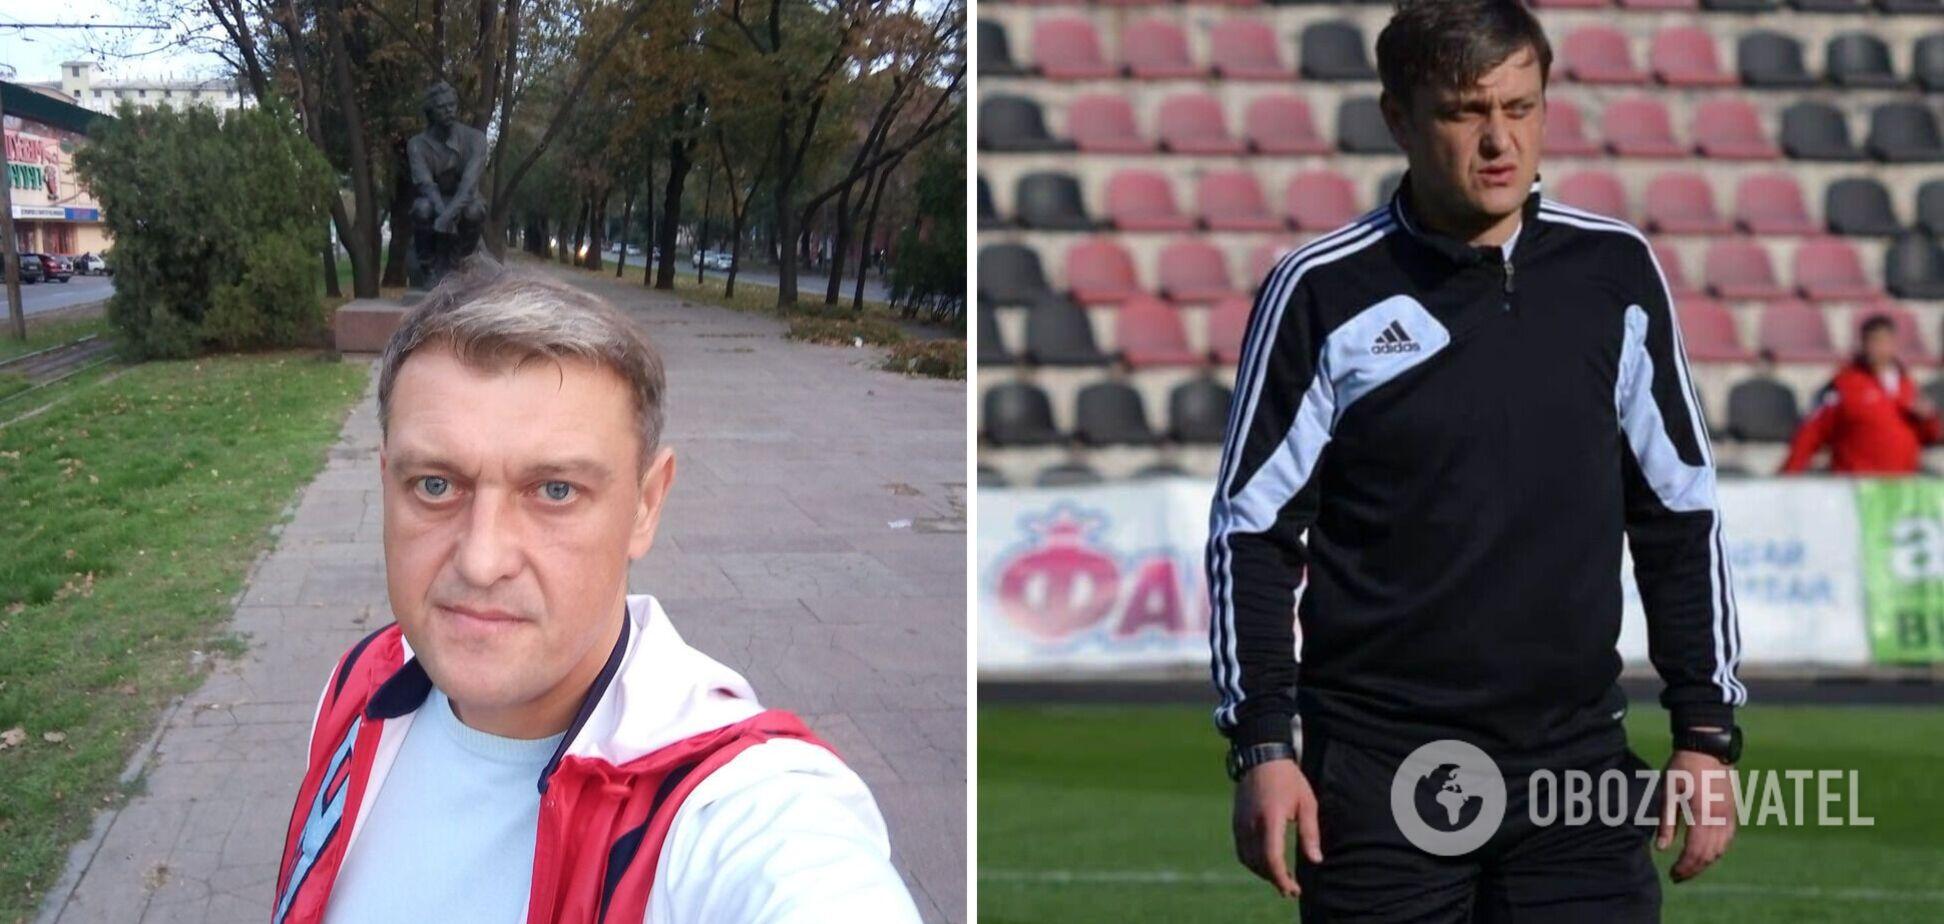 Украинского арбитра подстрелили из ружья: он в реанимации